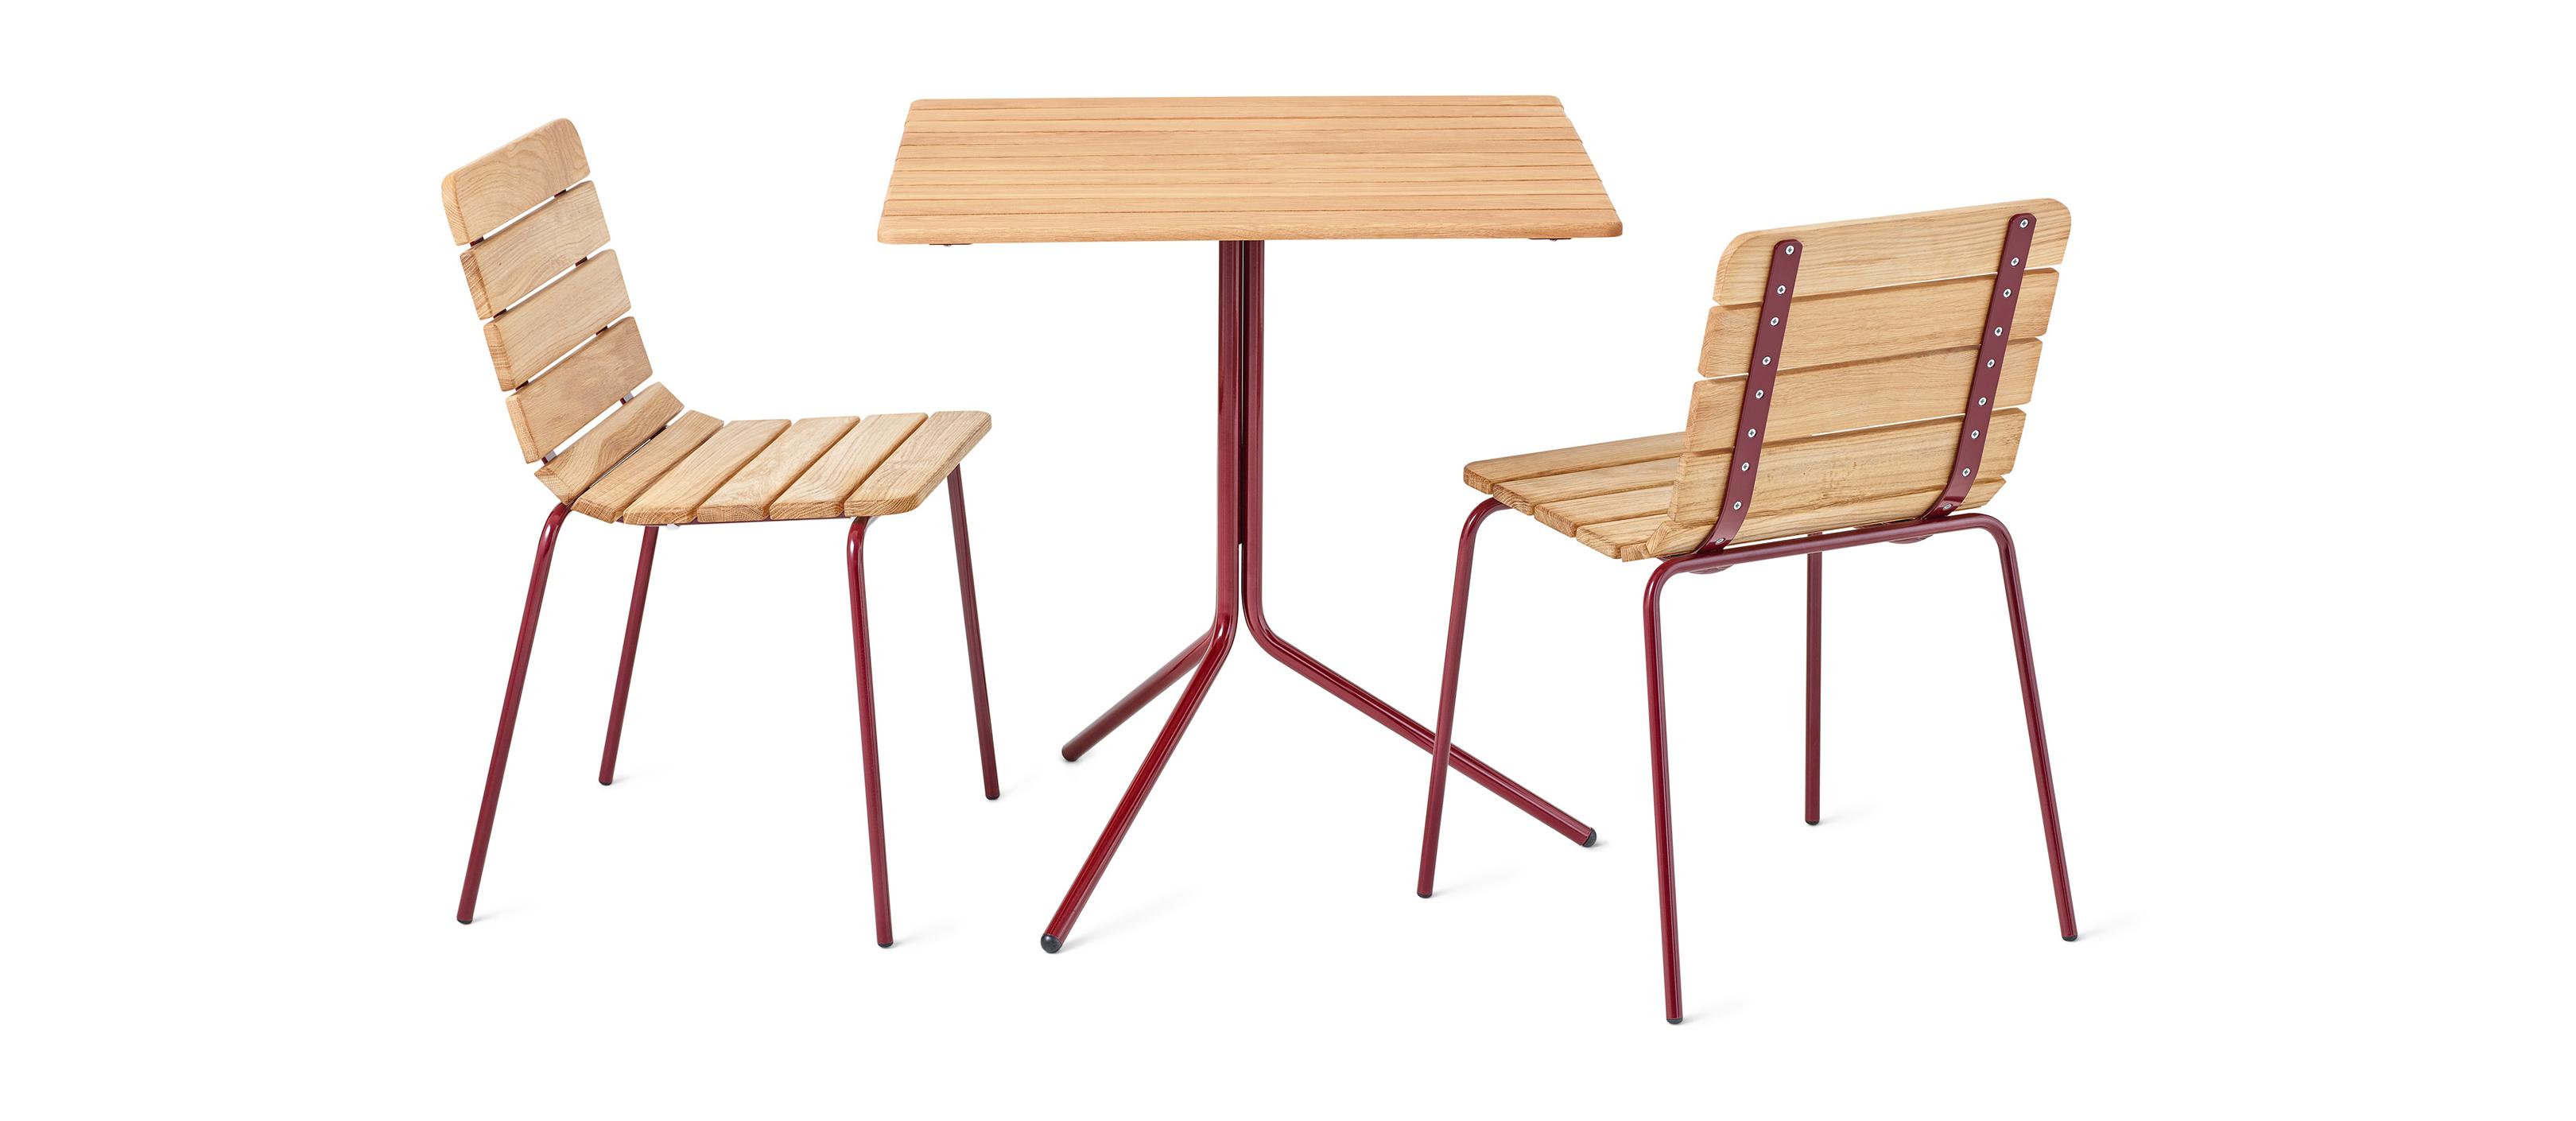 11th stoel is opgebouwd uit tien geoliede eiken latten